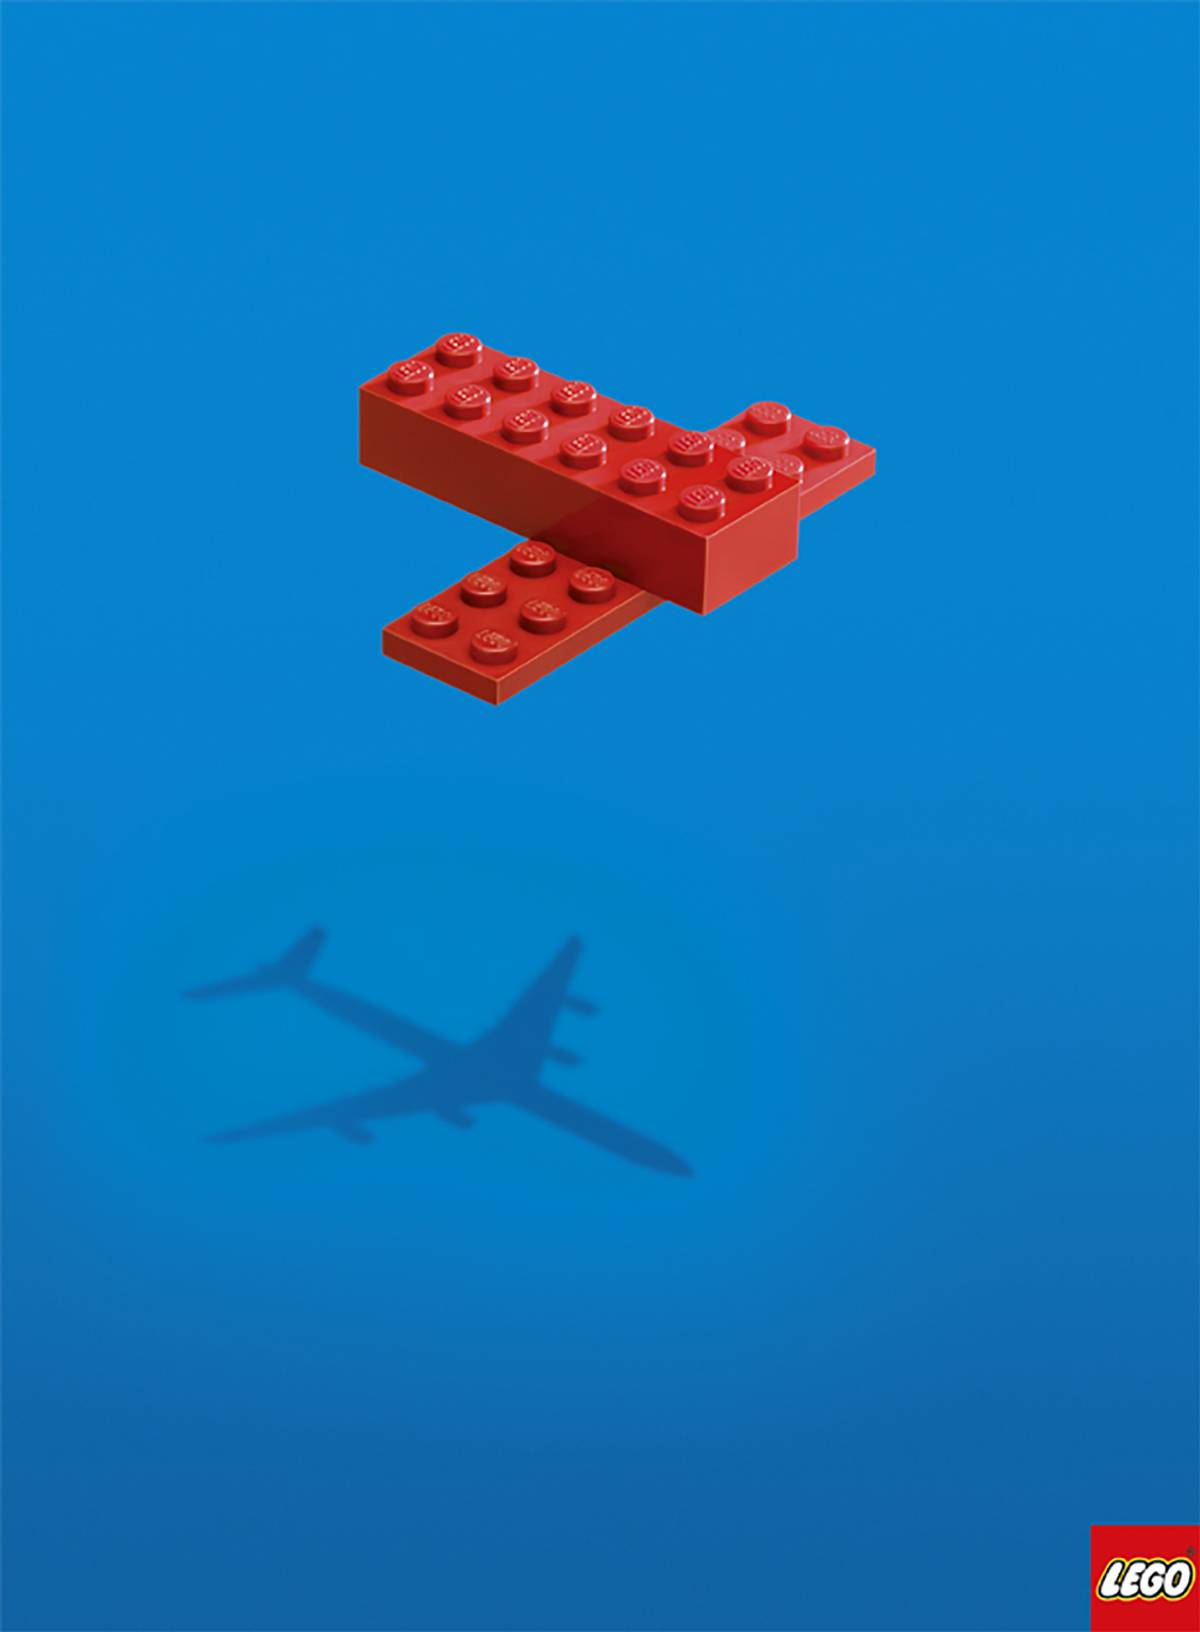 Publicidad-Lego